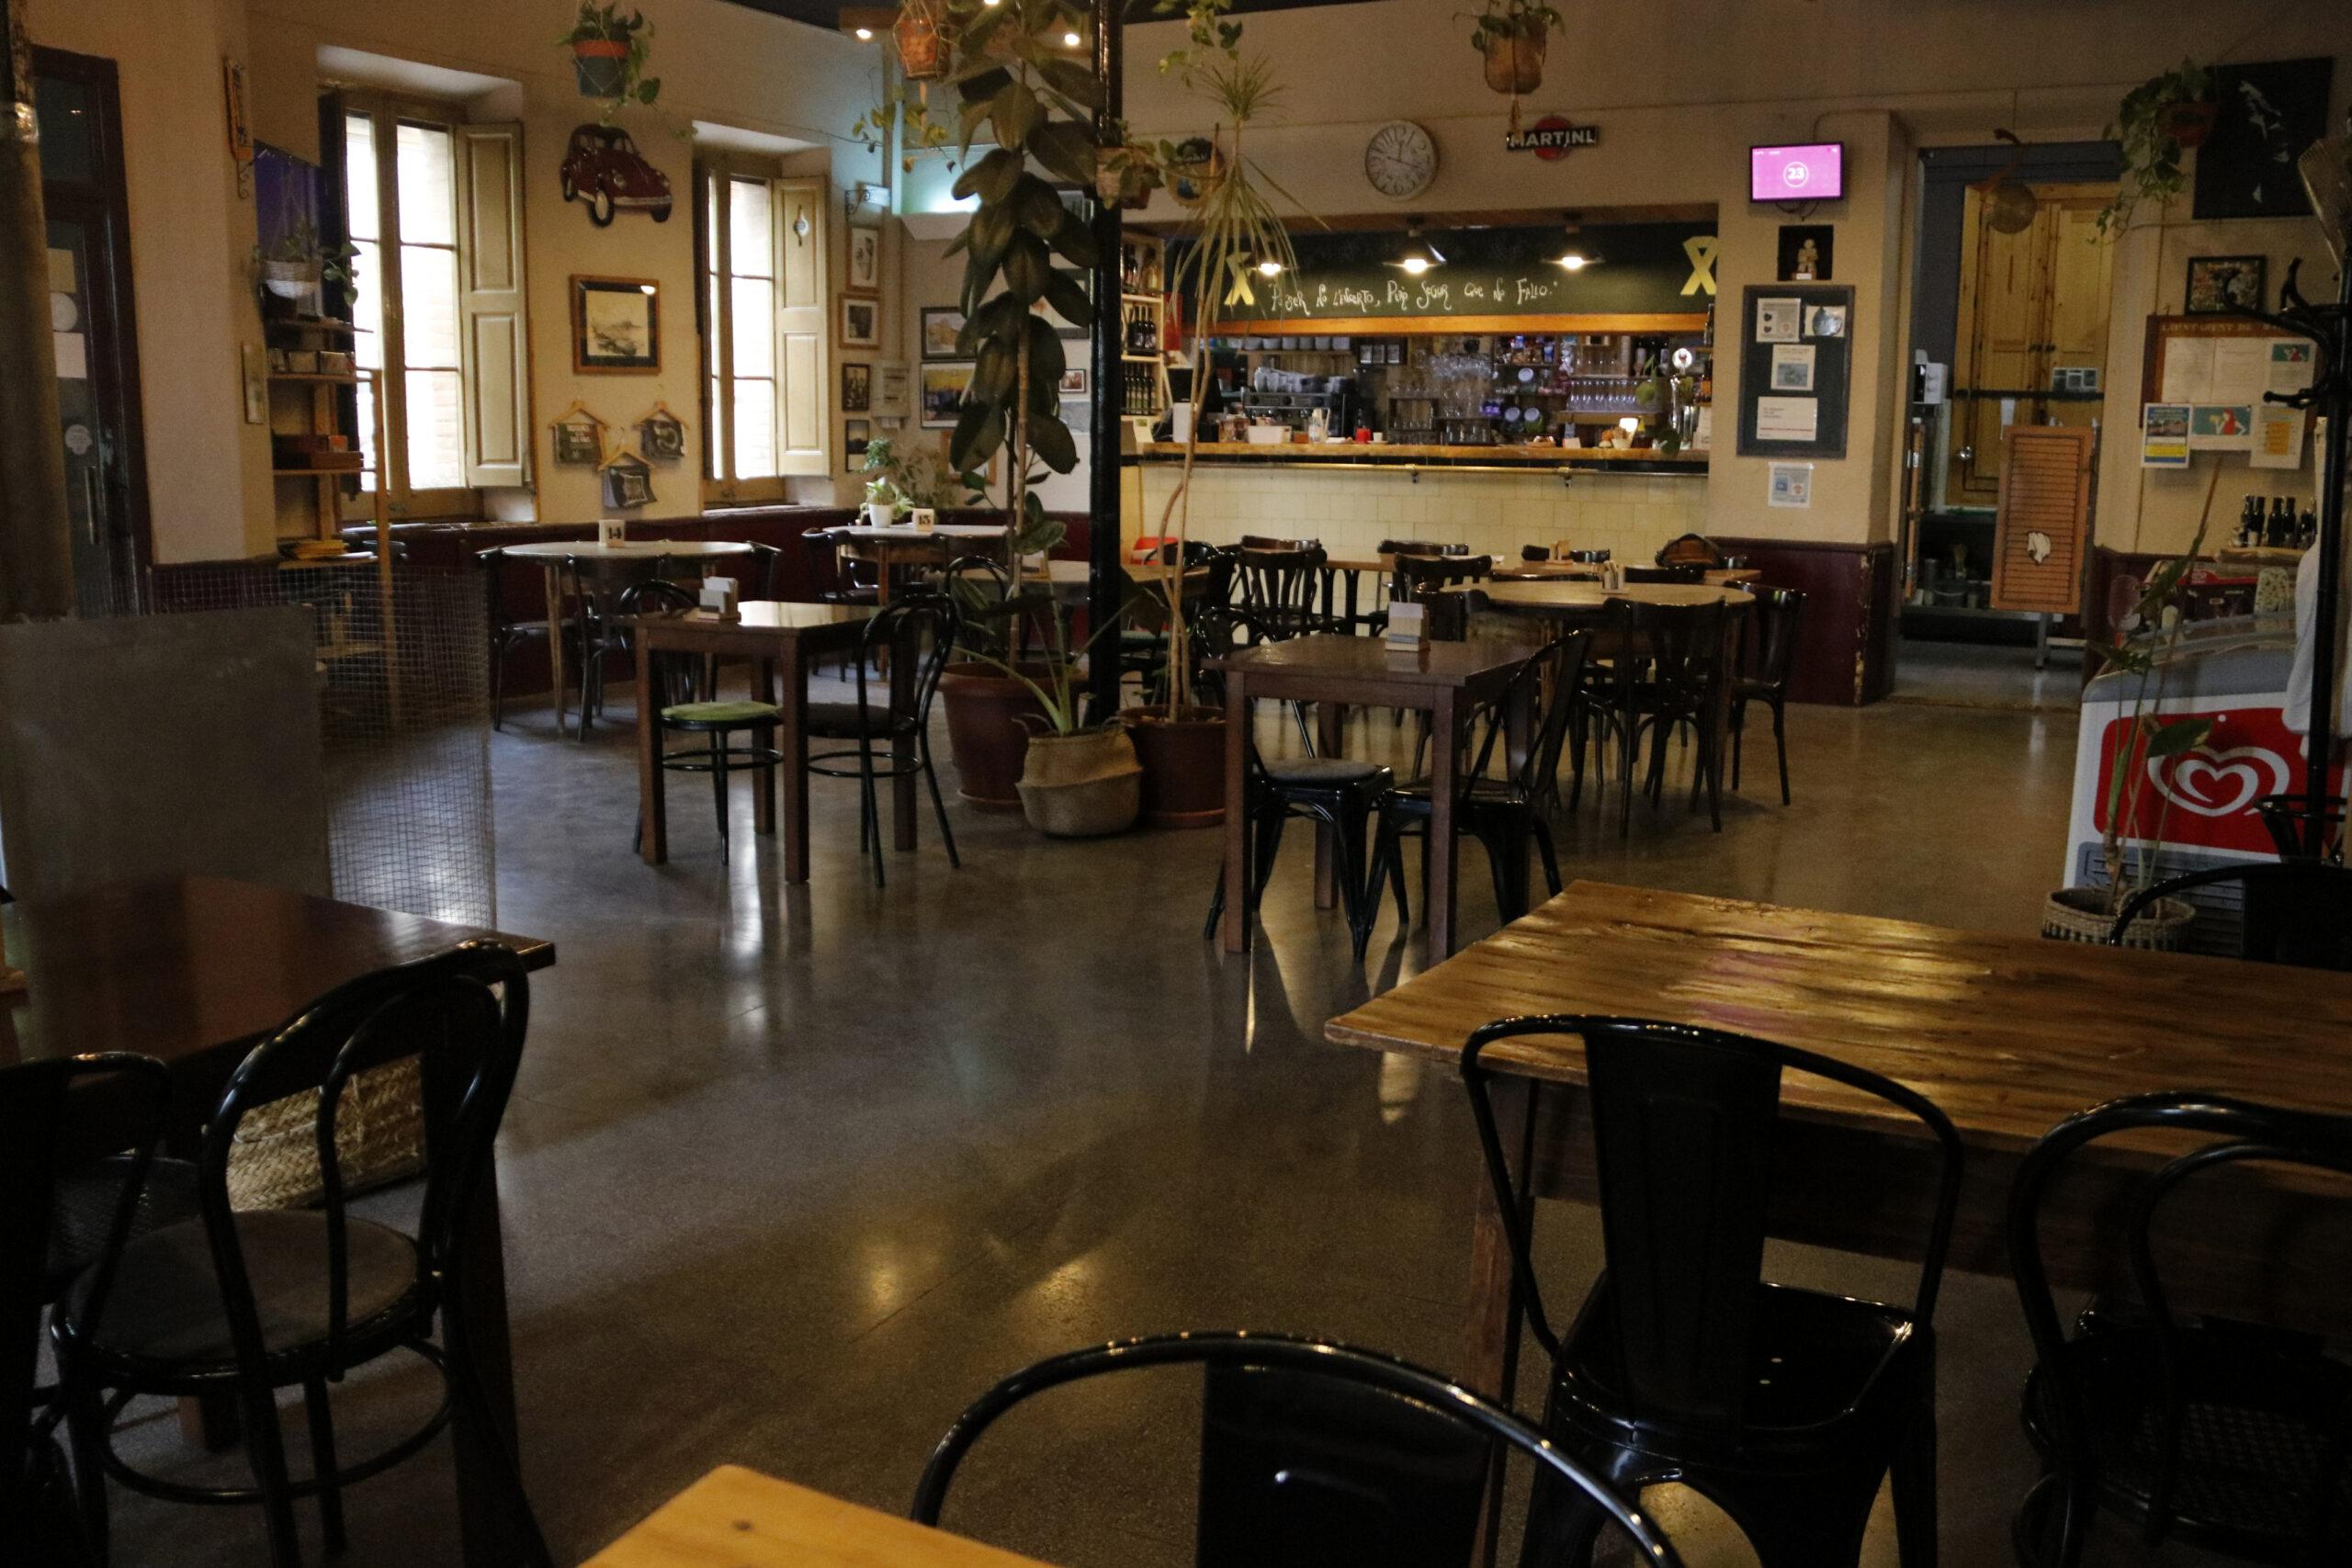 L'interior del Bar Centro de Maldà, sense clients, pel tancament forçat per les restriccions contra la covid-19 | ACN